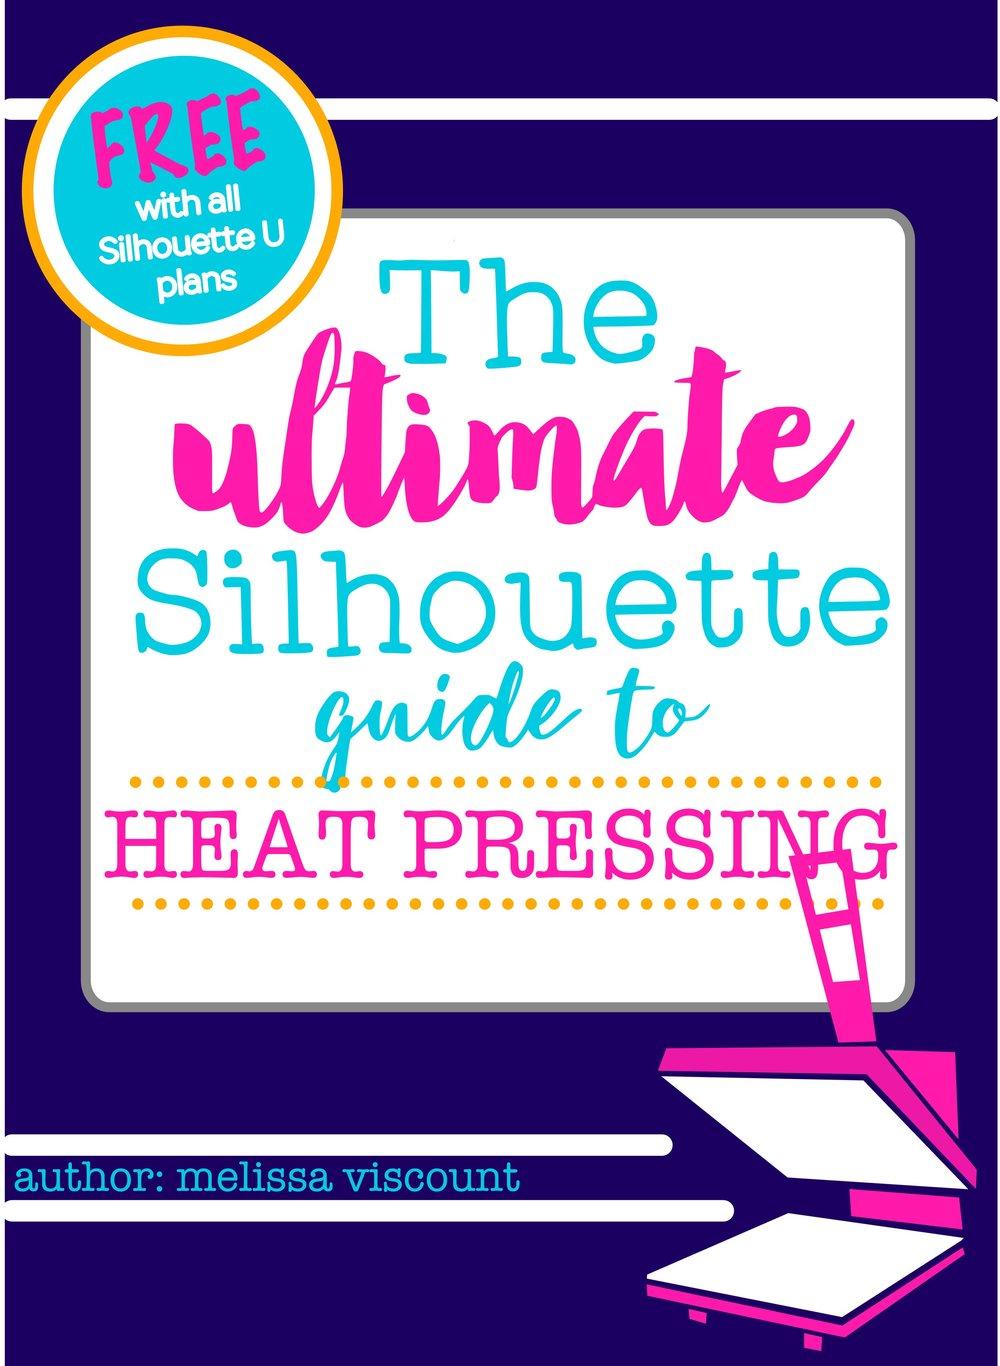 Sil U heat press cover final use.jpg